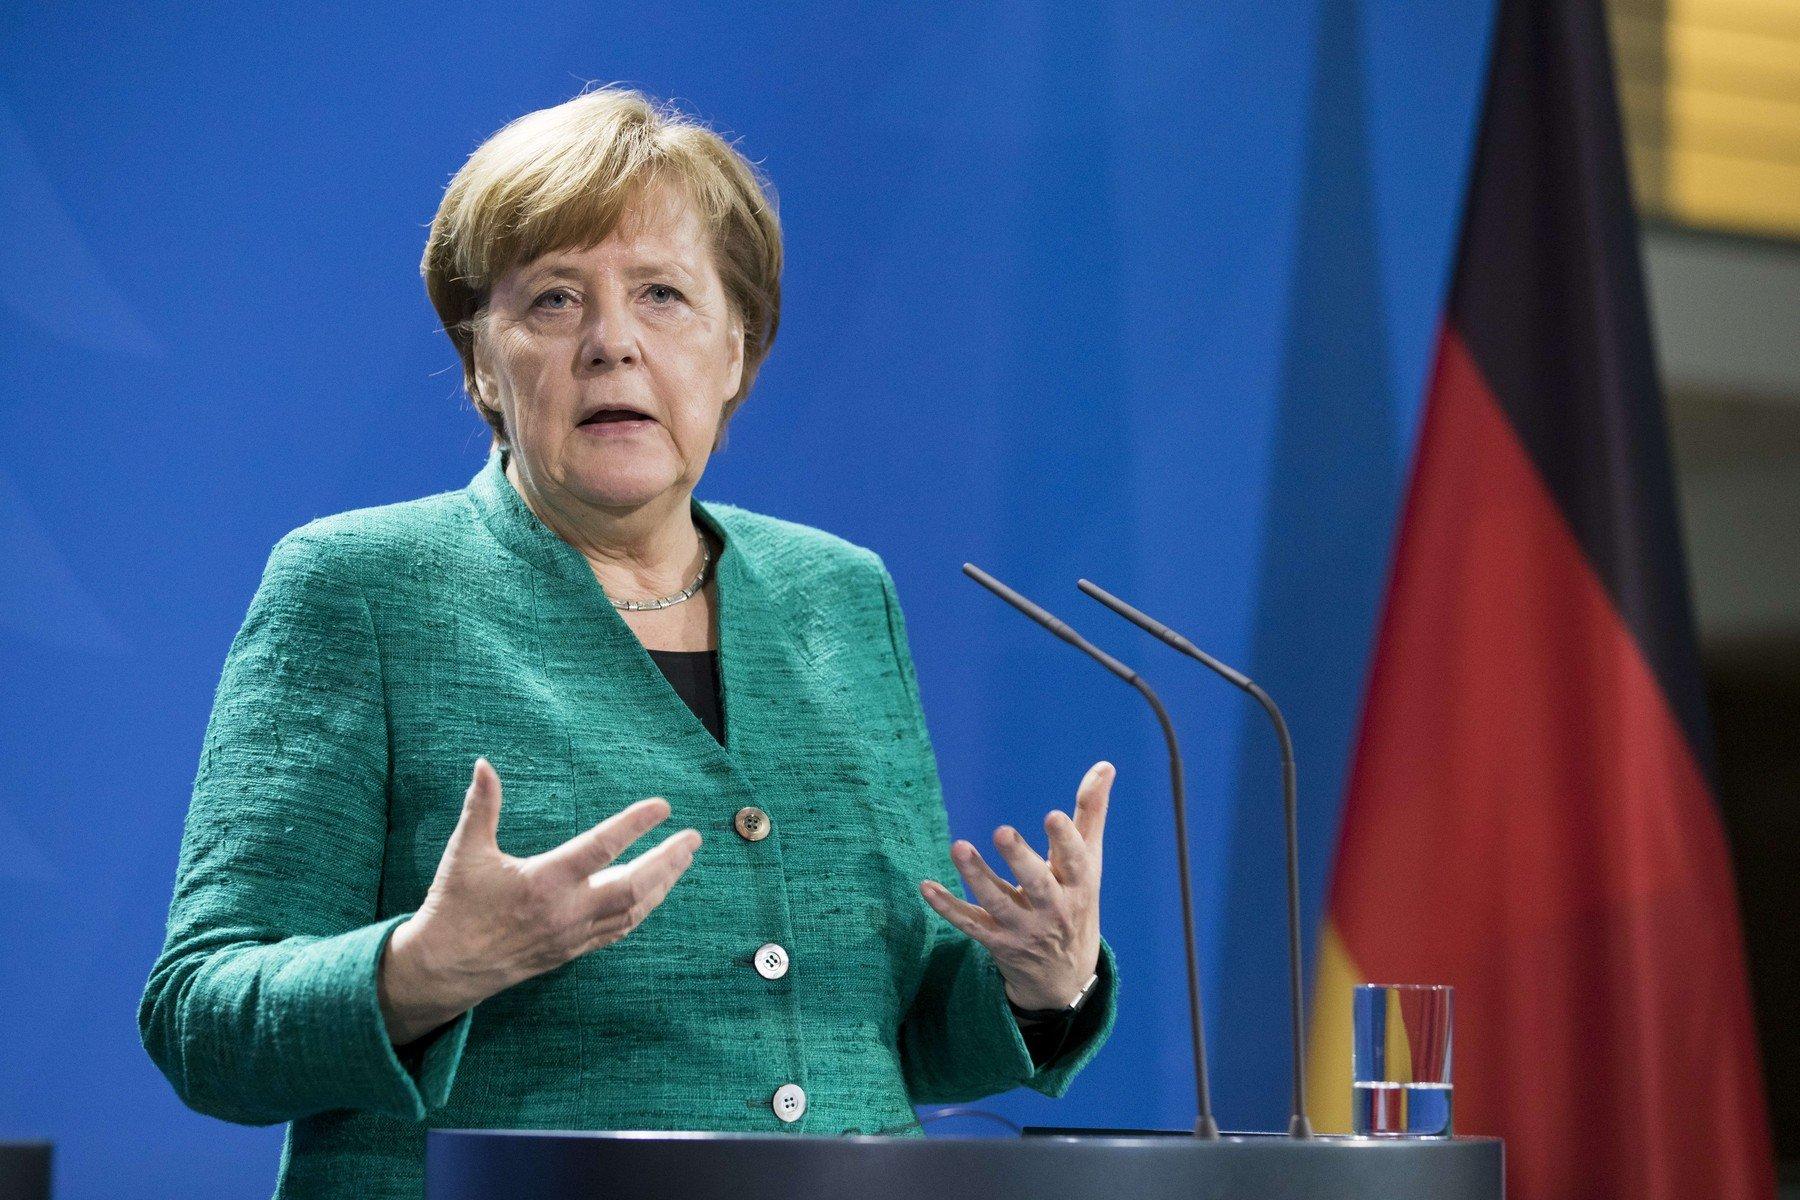 Jestli chcete peníze zEU, ukažte větší solidaritu smigranty, žádá Merkelová